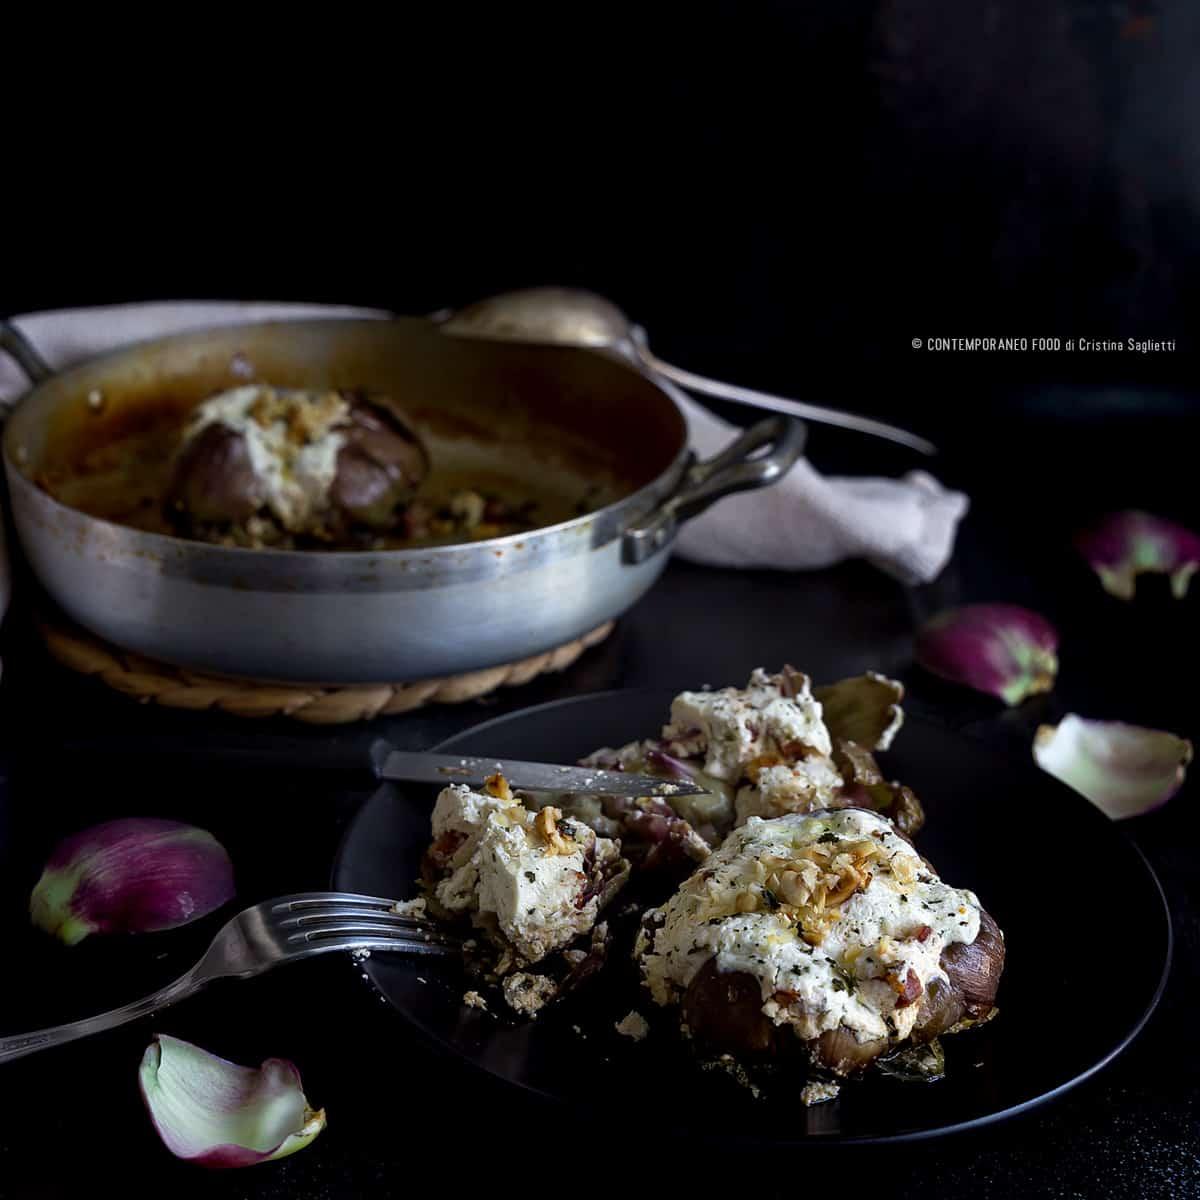 carciofi-ripieni-ricotta-nocciole-ricetta-light-facile-contemporaneo-food